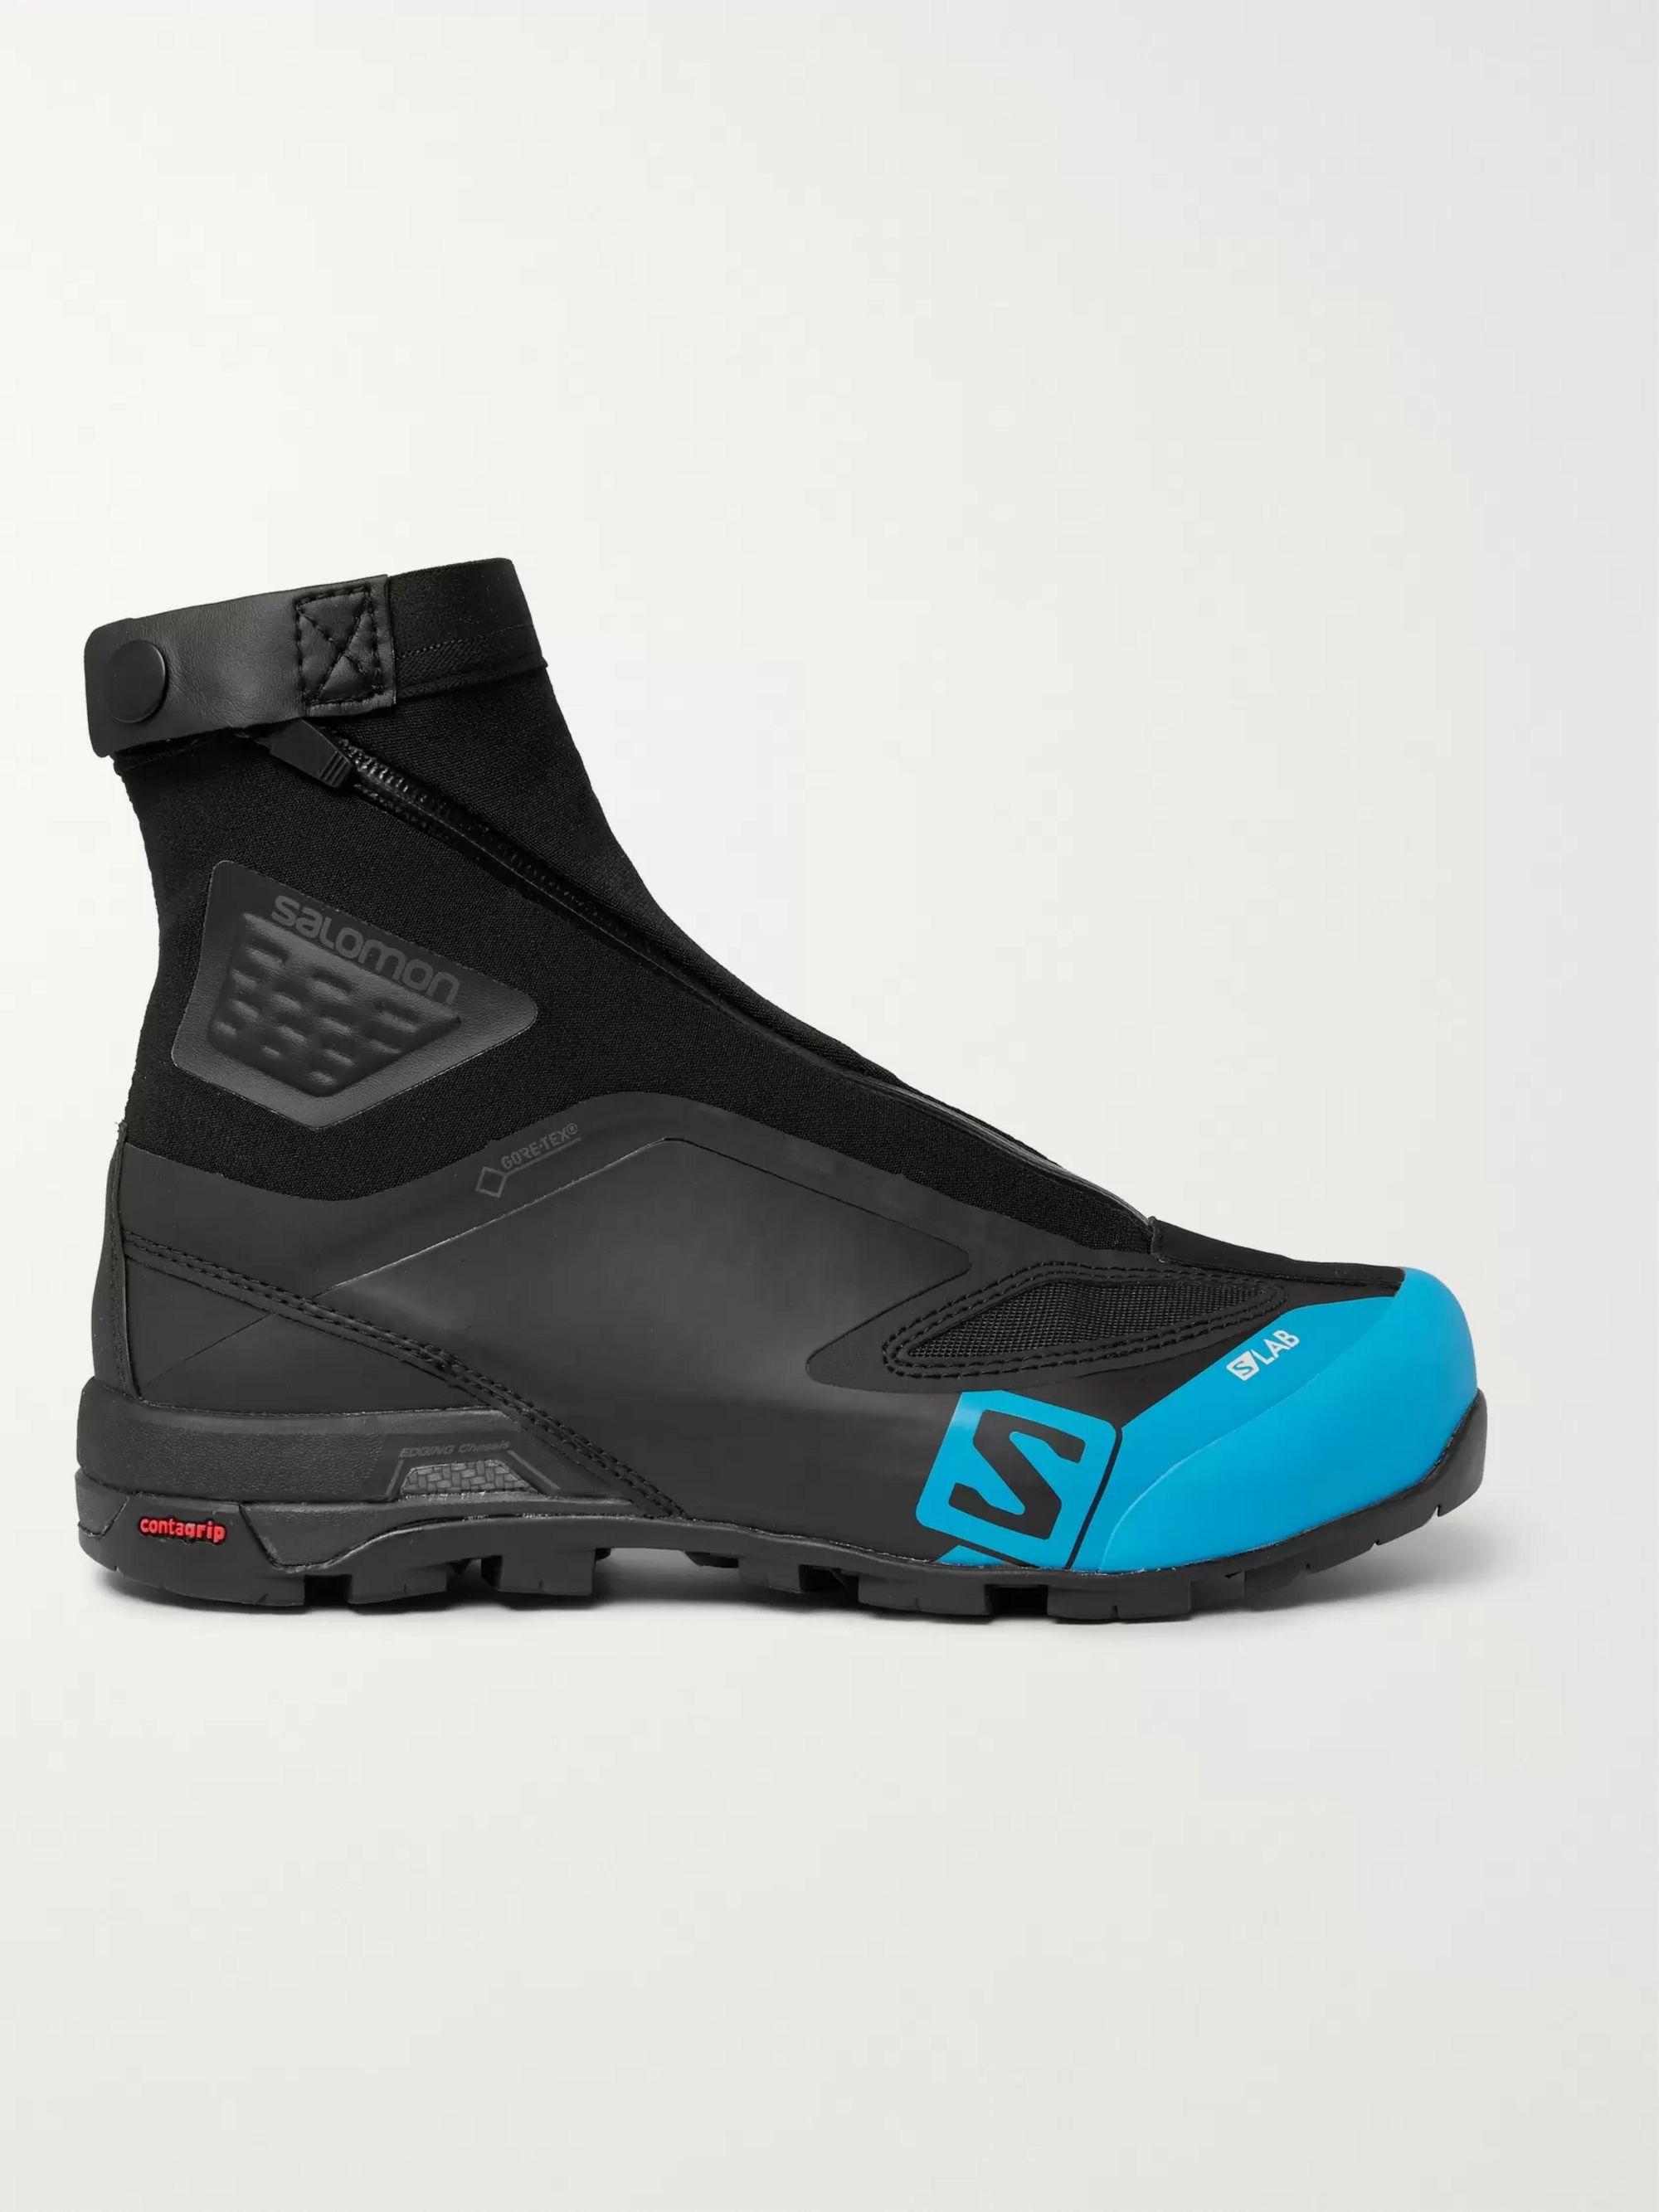 Salomon X Alp Carbon Boot Review